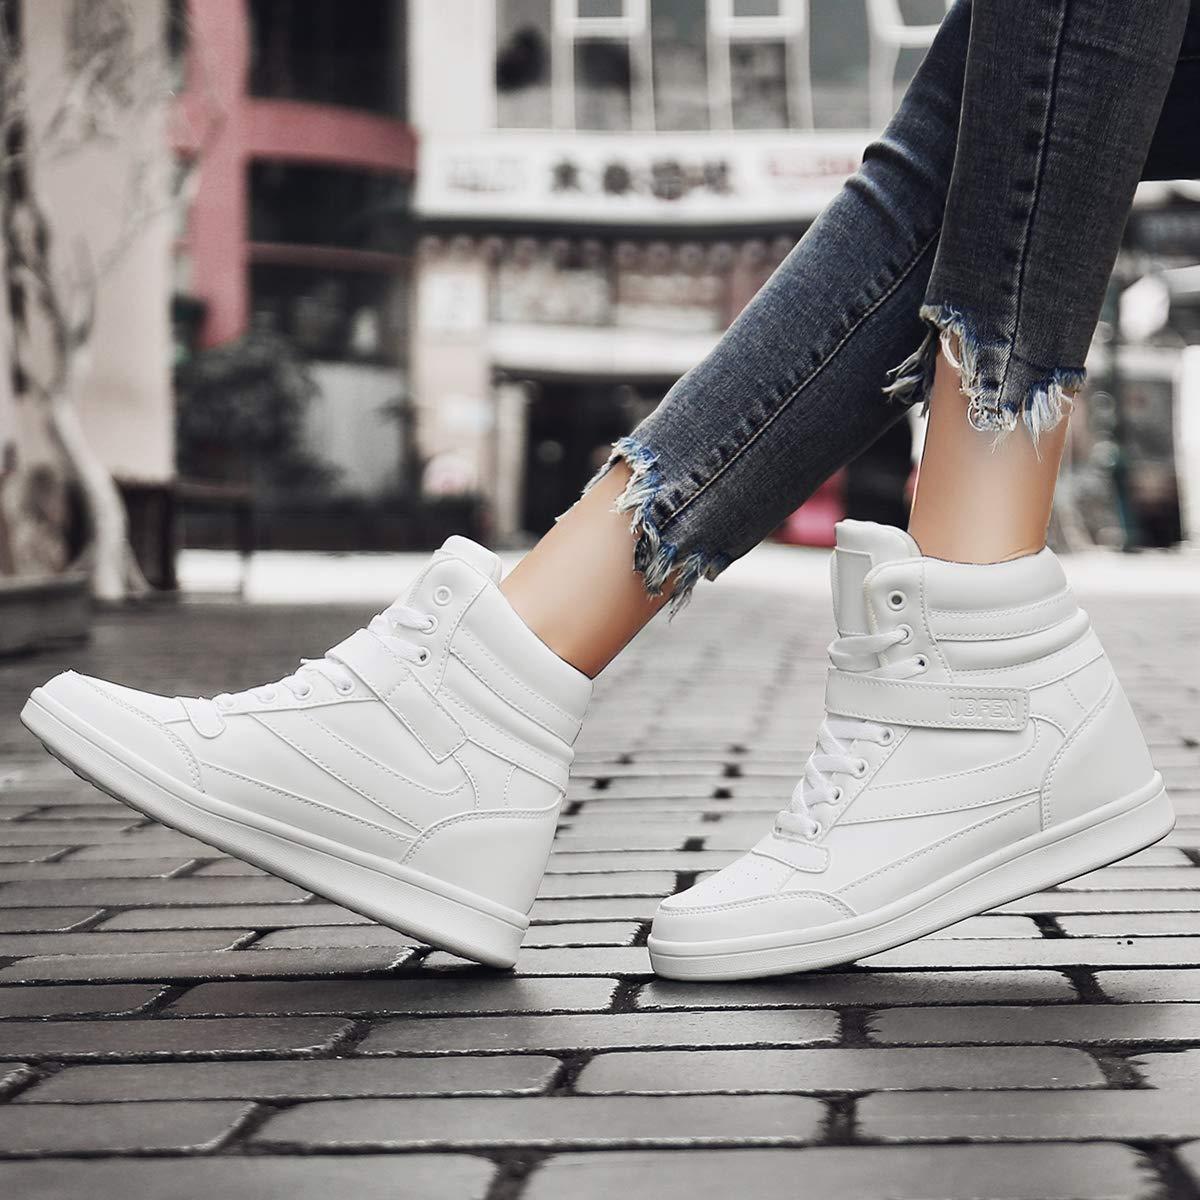 2db31240f UBFEN Deportivos de Cuña Mujer Zapatillas Botines Botas Deporte Zapatos  Alta Sneakers Wedges Elevador Interior Talón